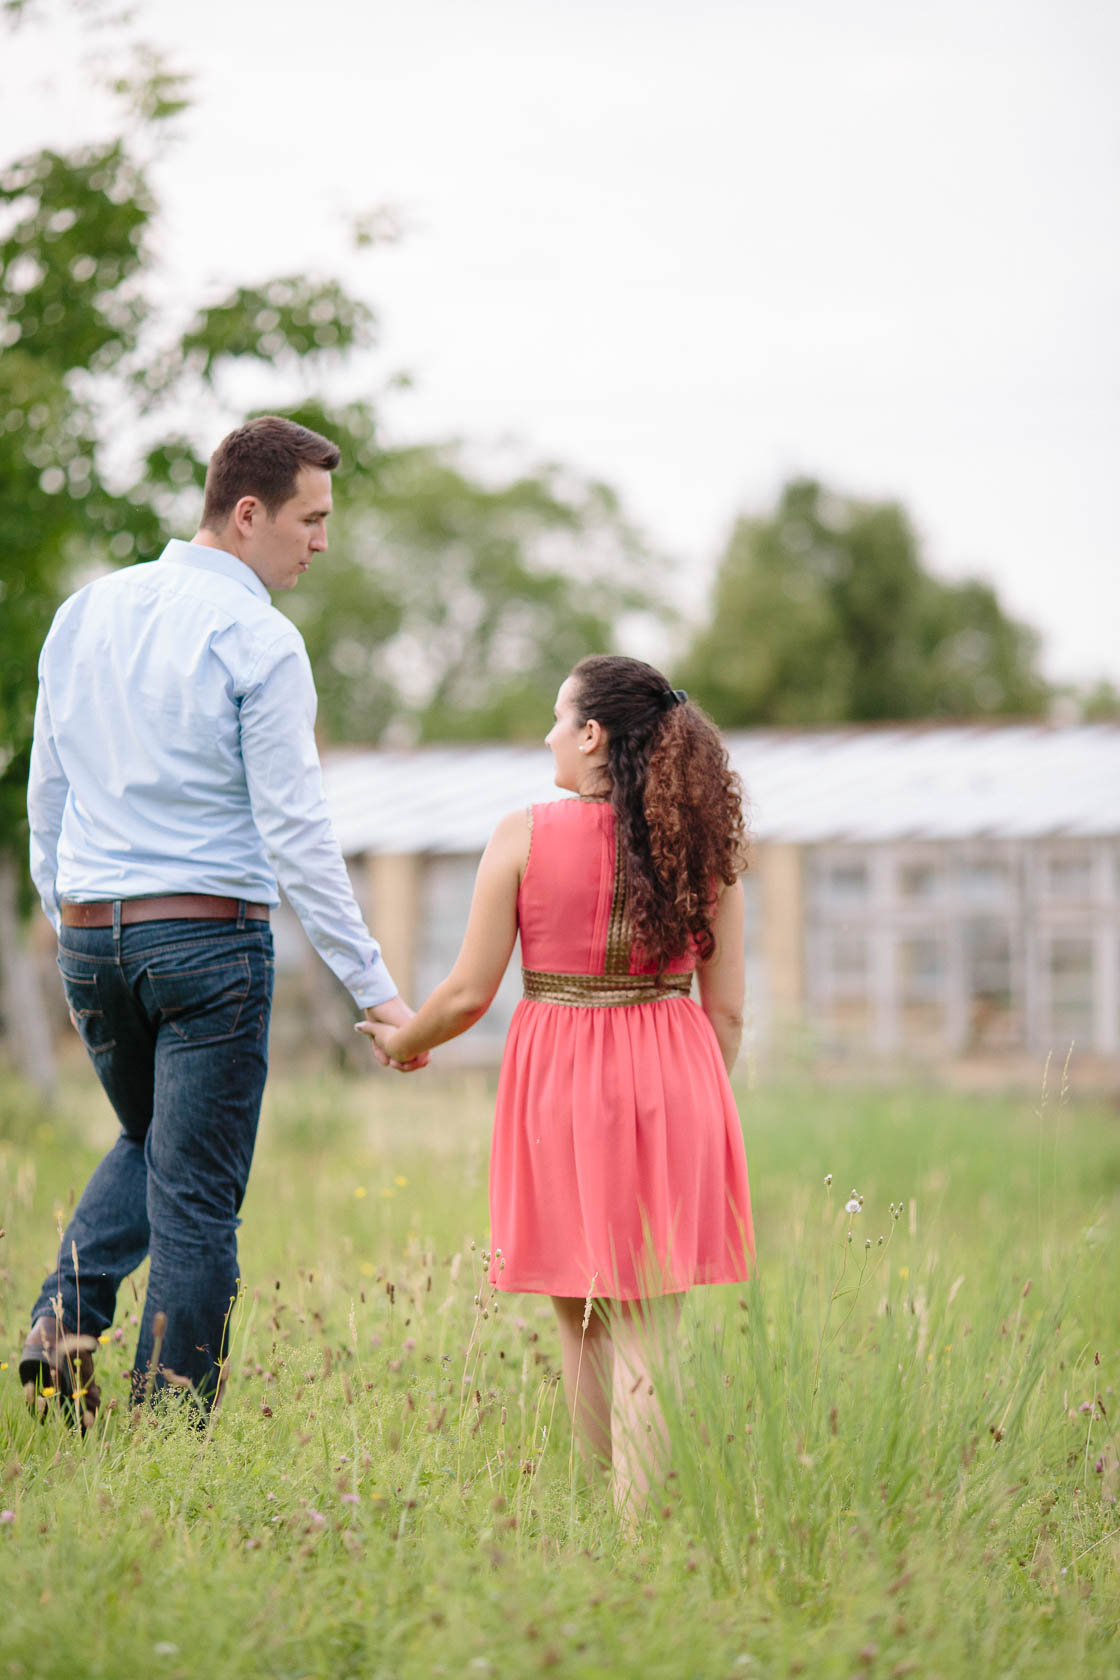 Engagement Fotoshooting von Laura und Viktor in Karlsbad Paarfoto Hand in Hand